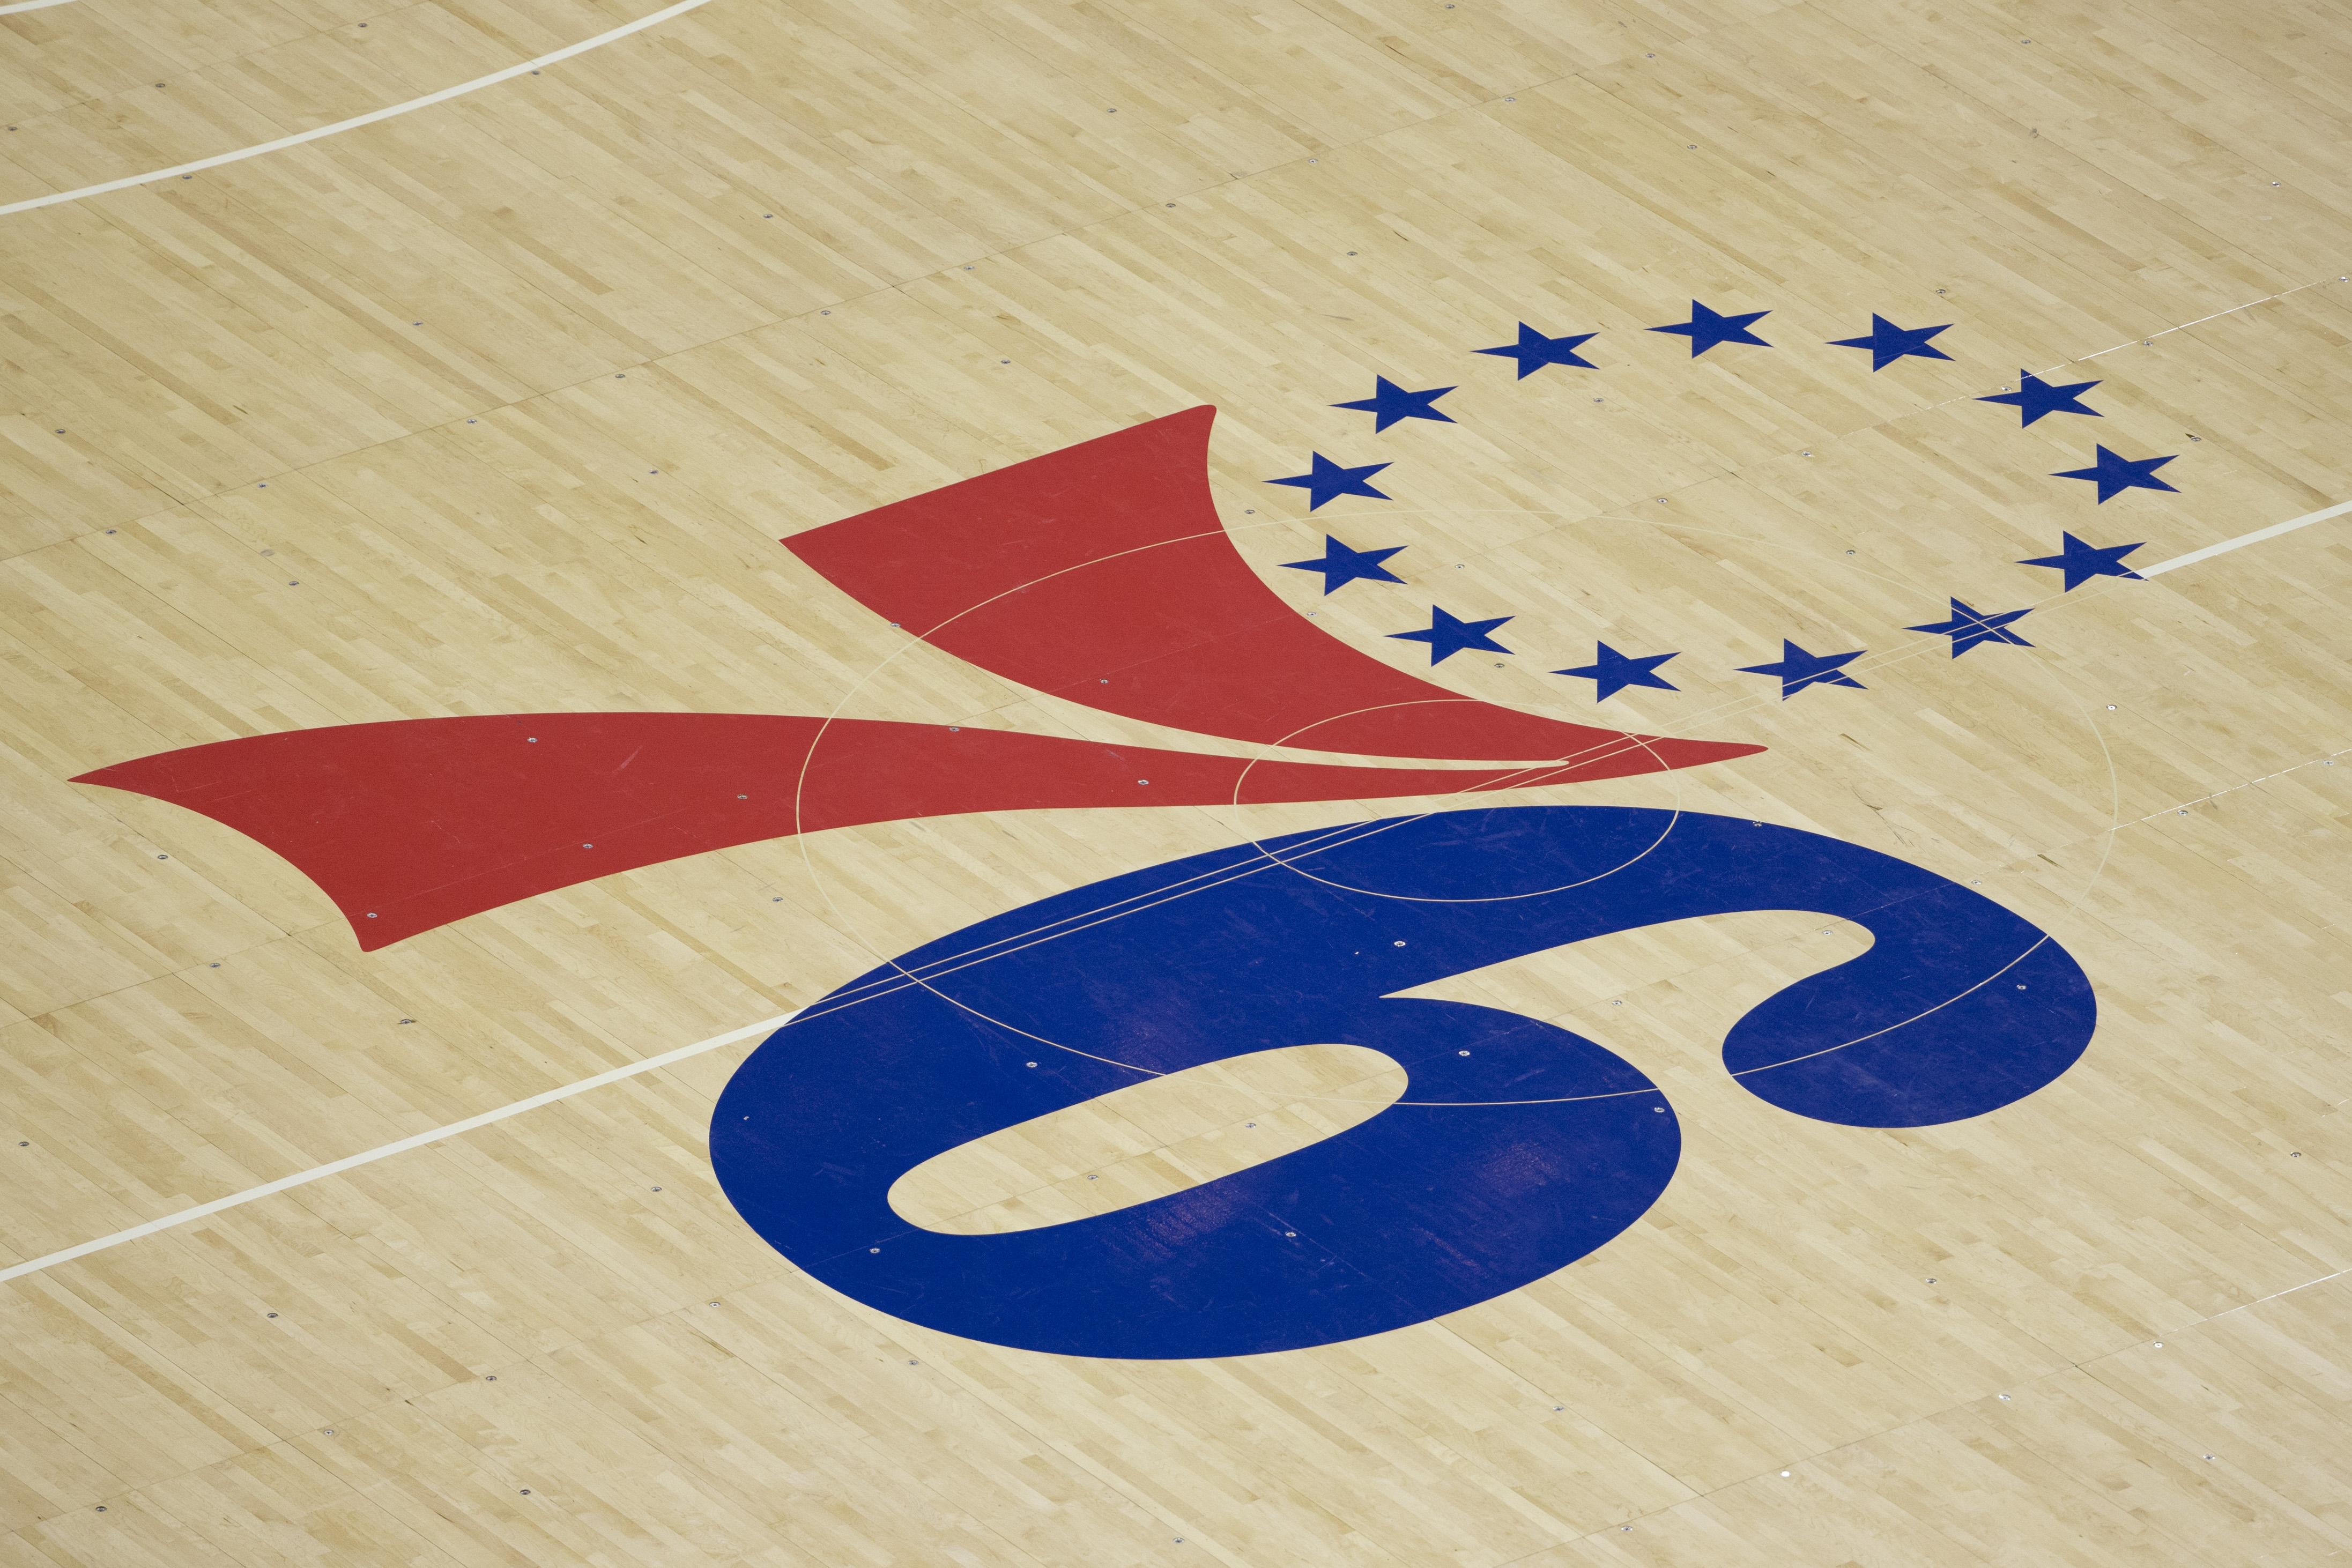 Golden State Warriors v Philadelphia 76ers